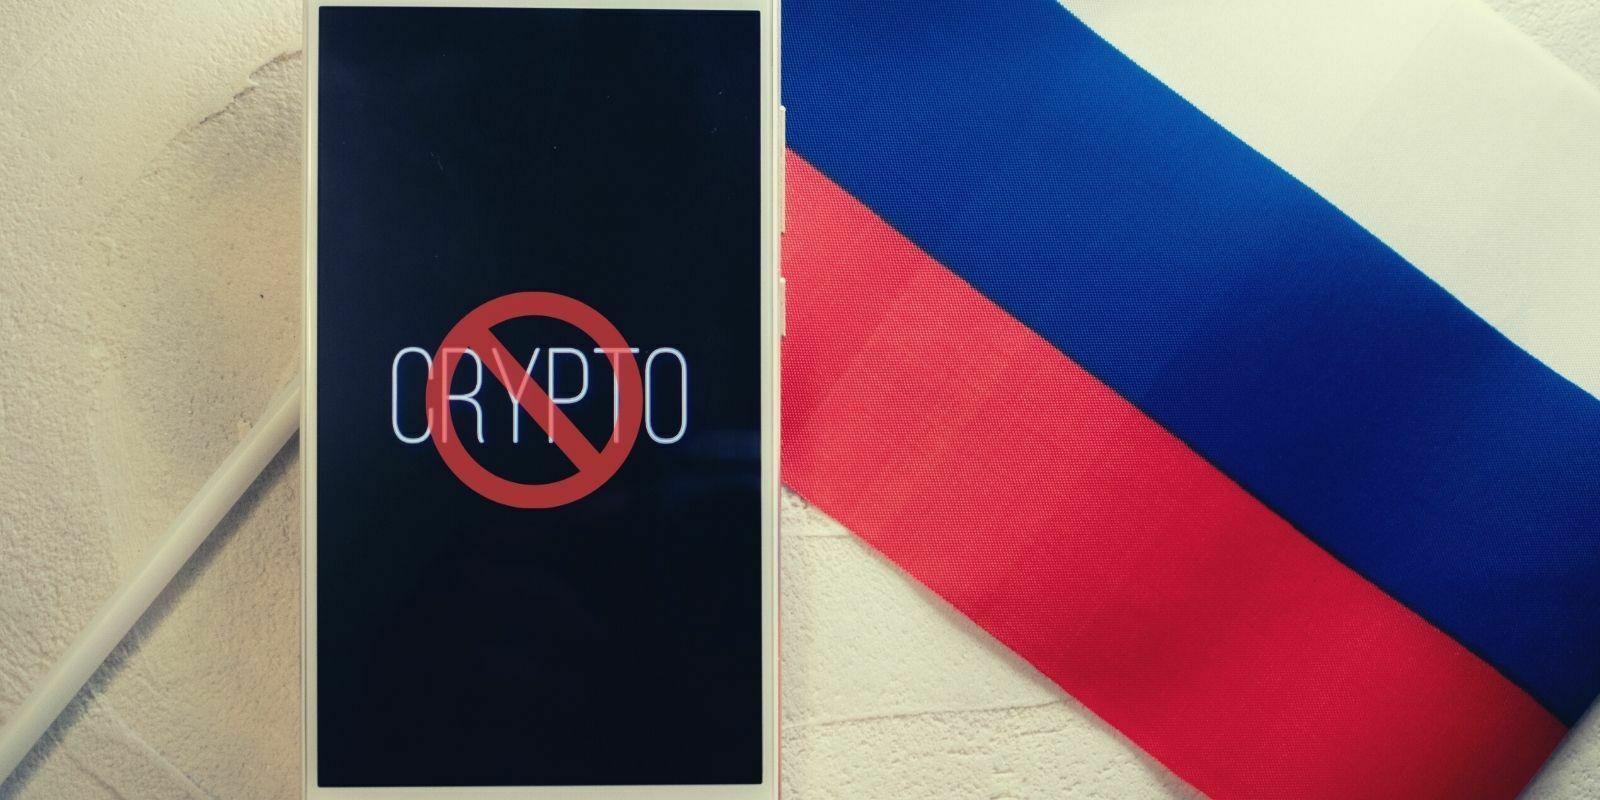 Russie : les hauts fonctionnaires ne sont plus autorisés à détenir des cryptomonnaies